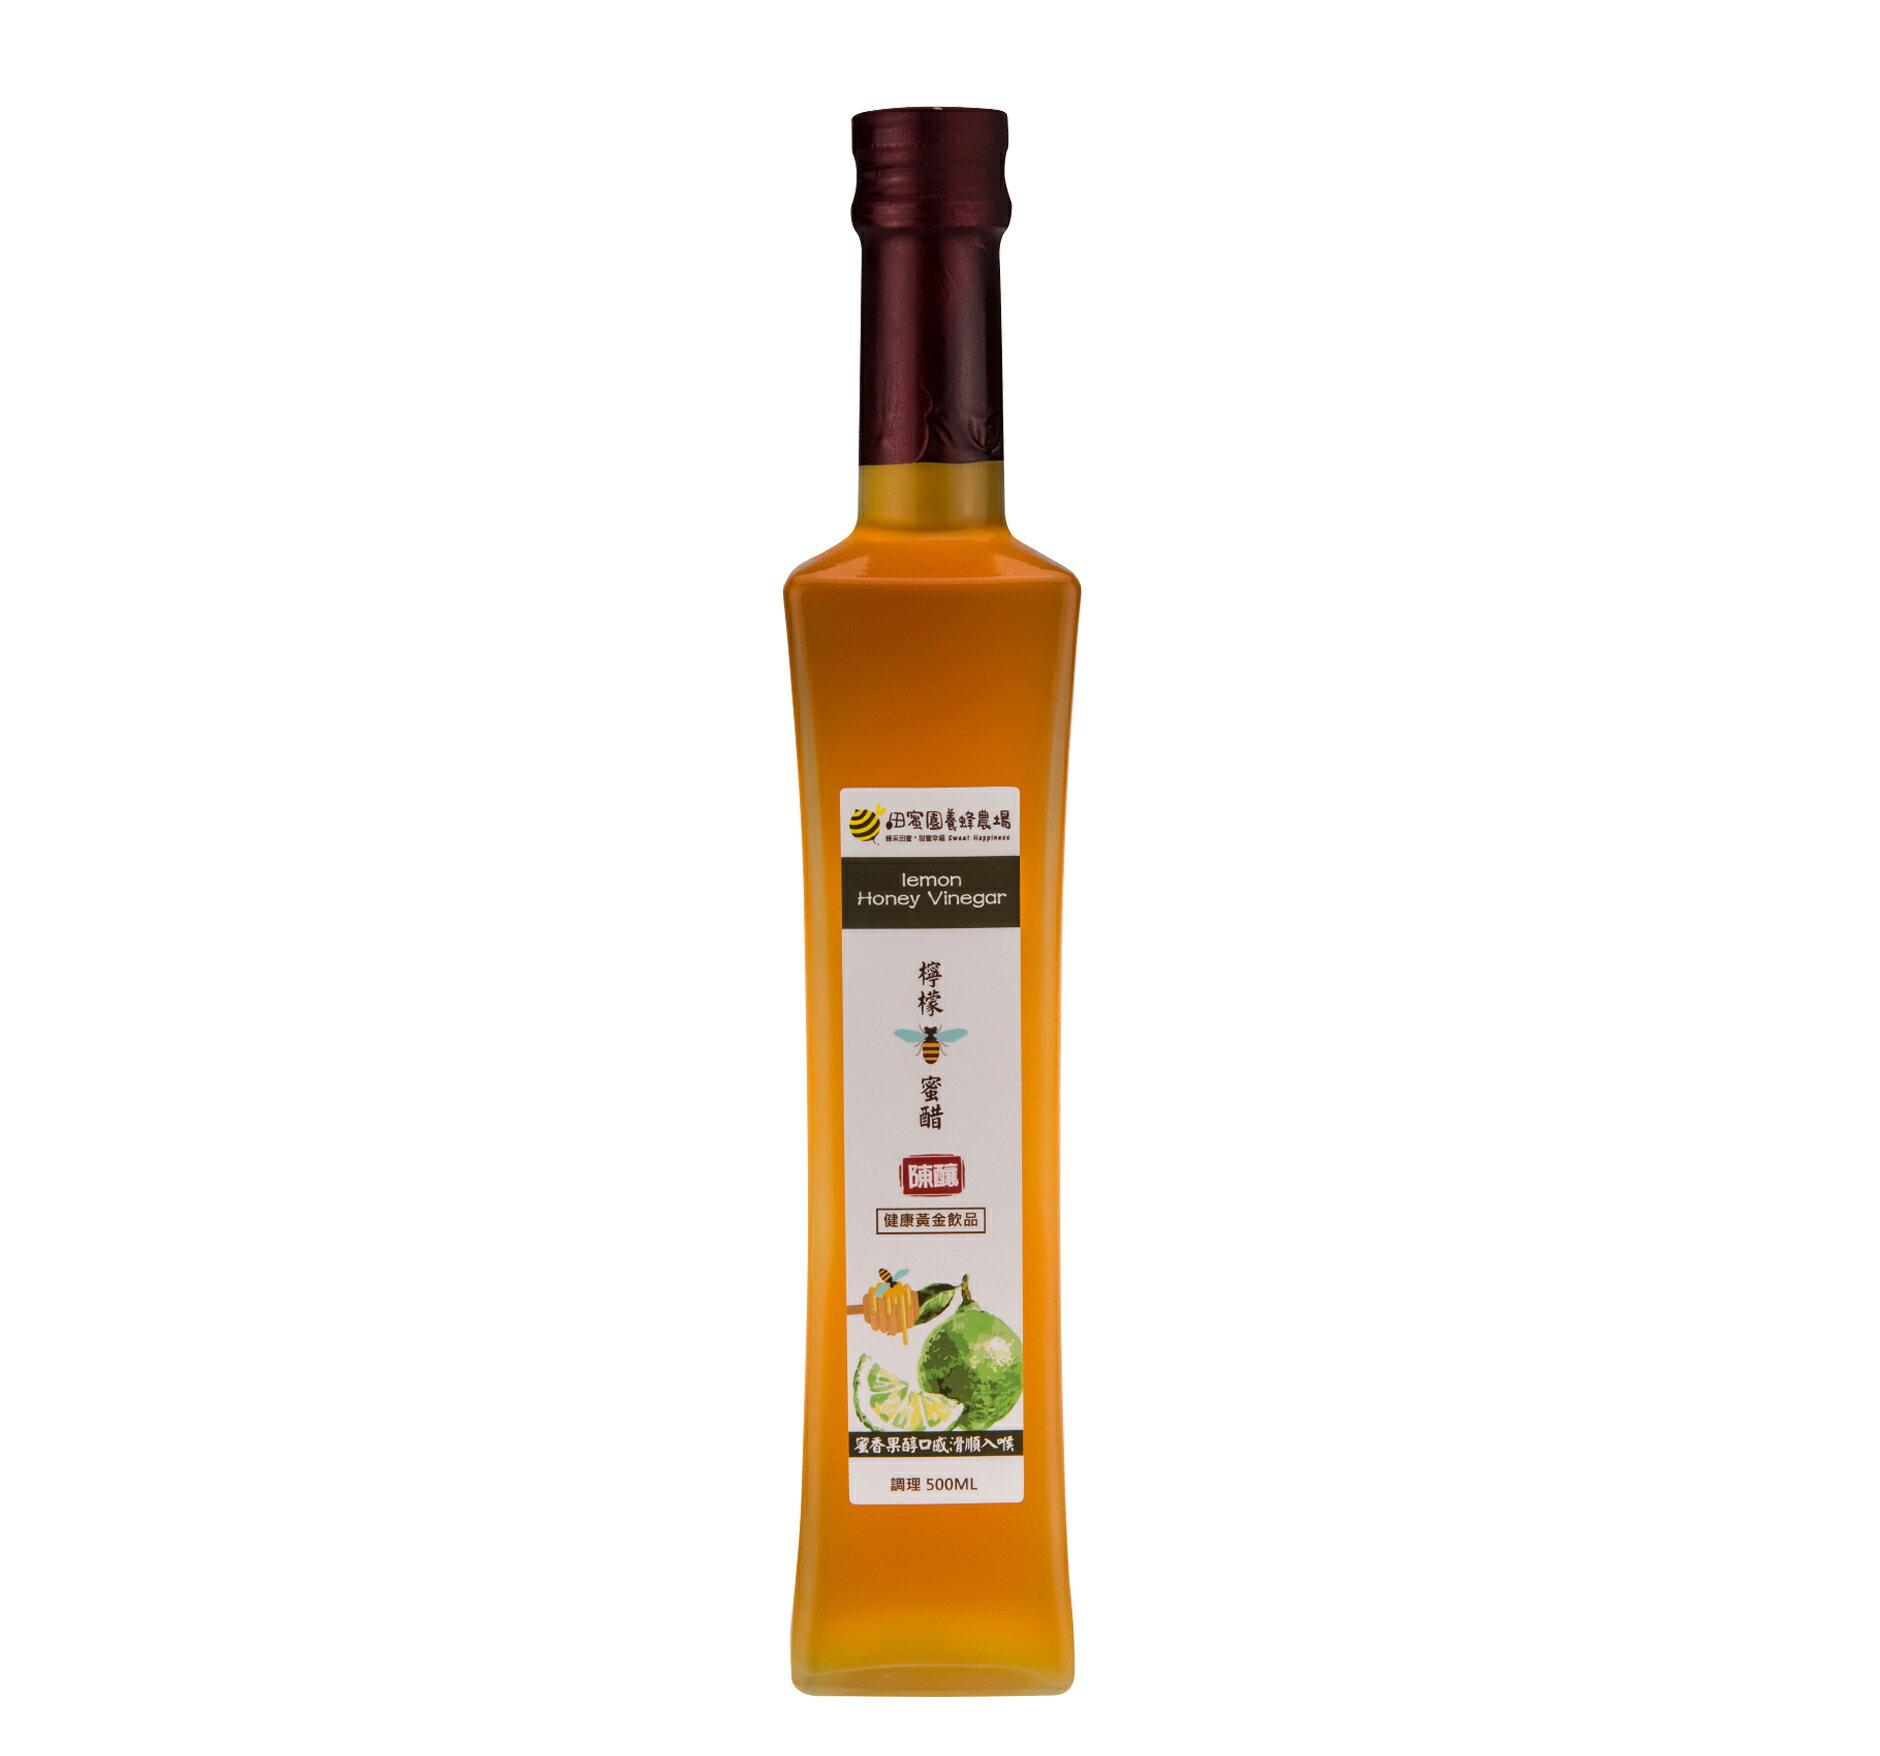 【田蜜園養蜂農場】真味有限公司|檸檬蜂蜜醋|蜂蜜、蜂花粉、蜂王乳、蜂蜜醋系列